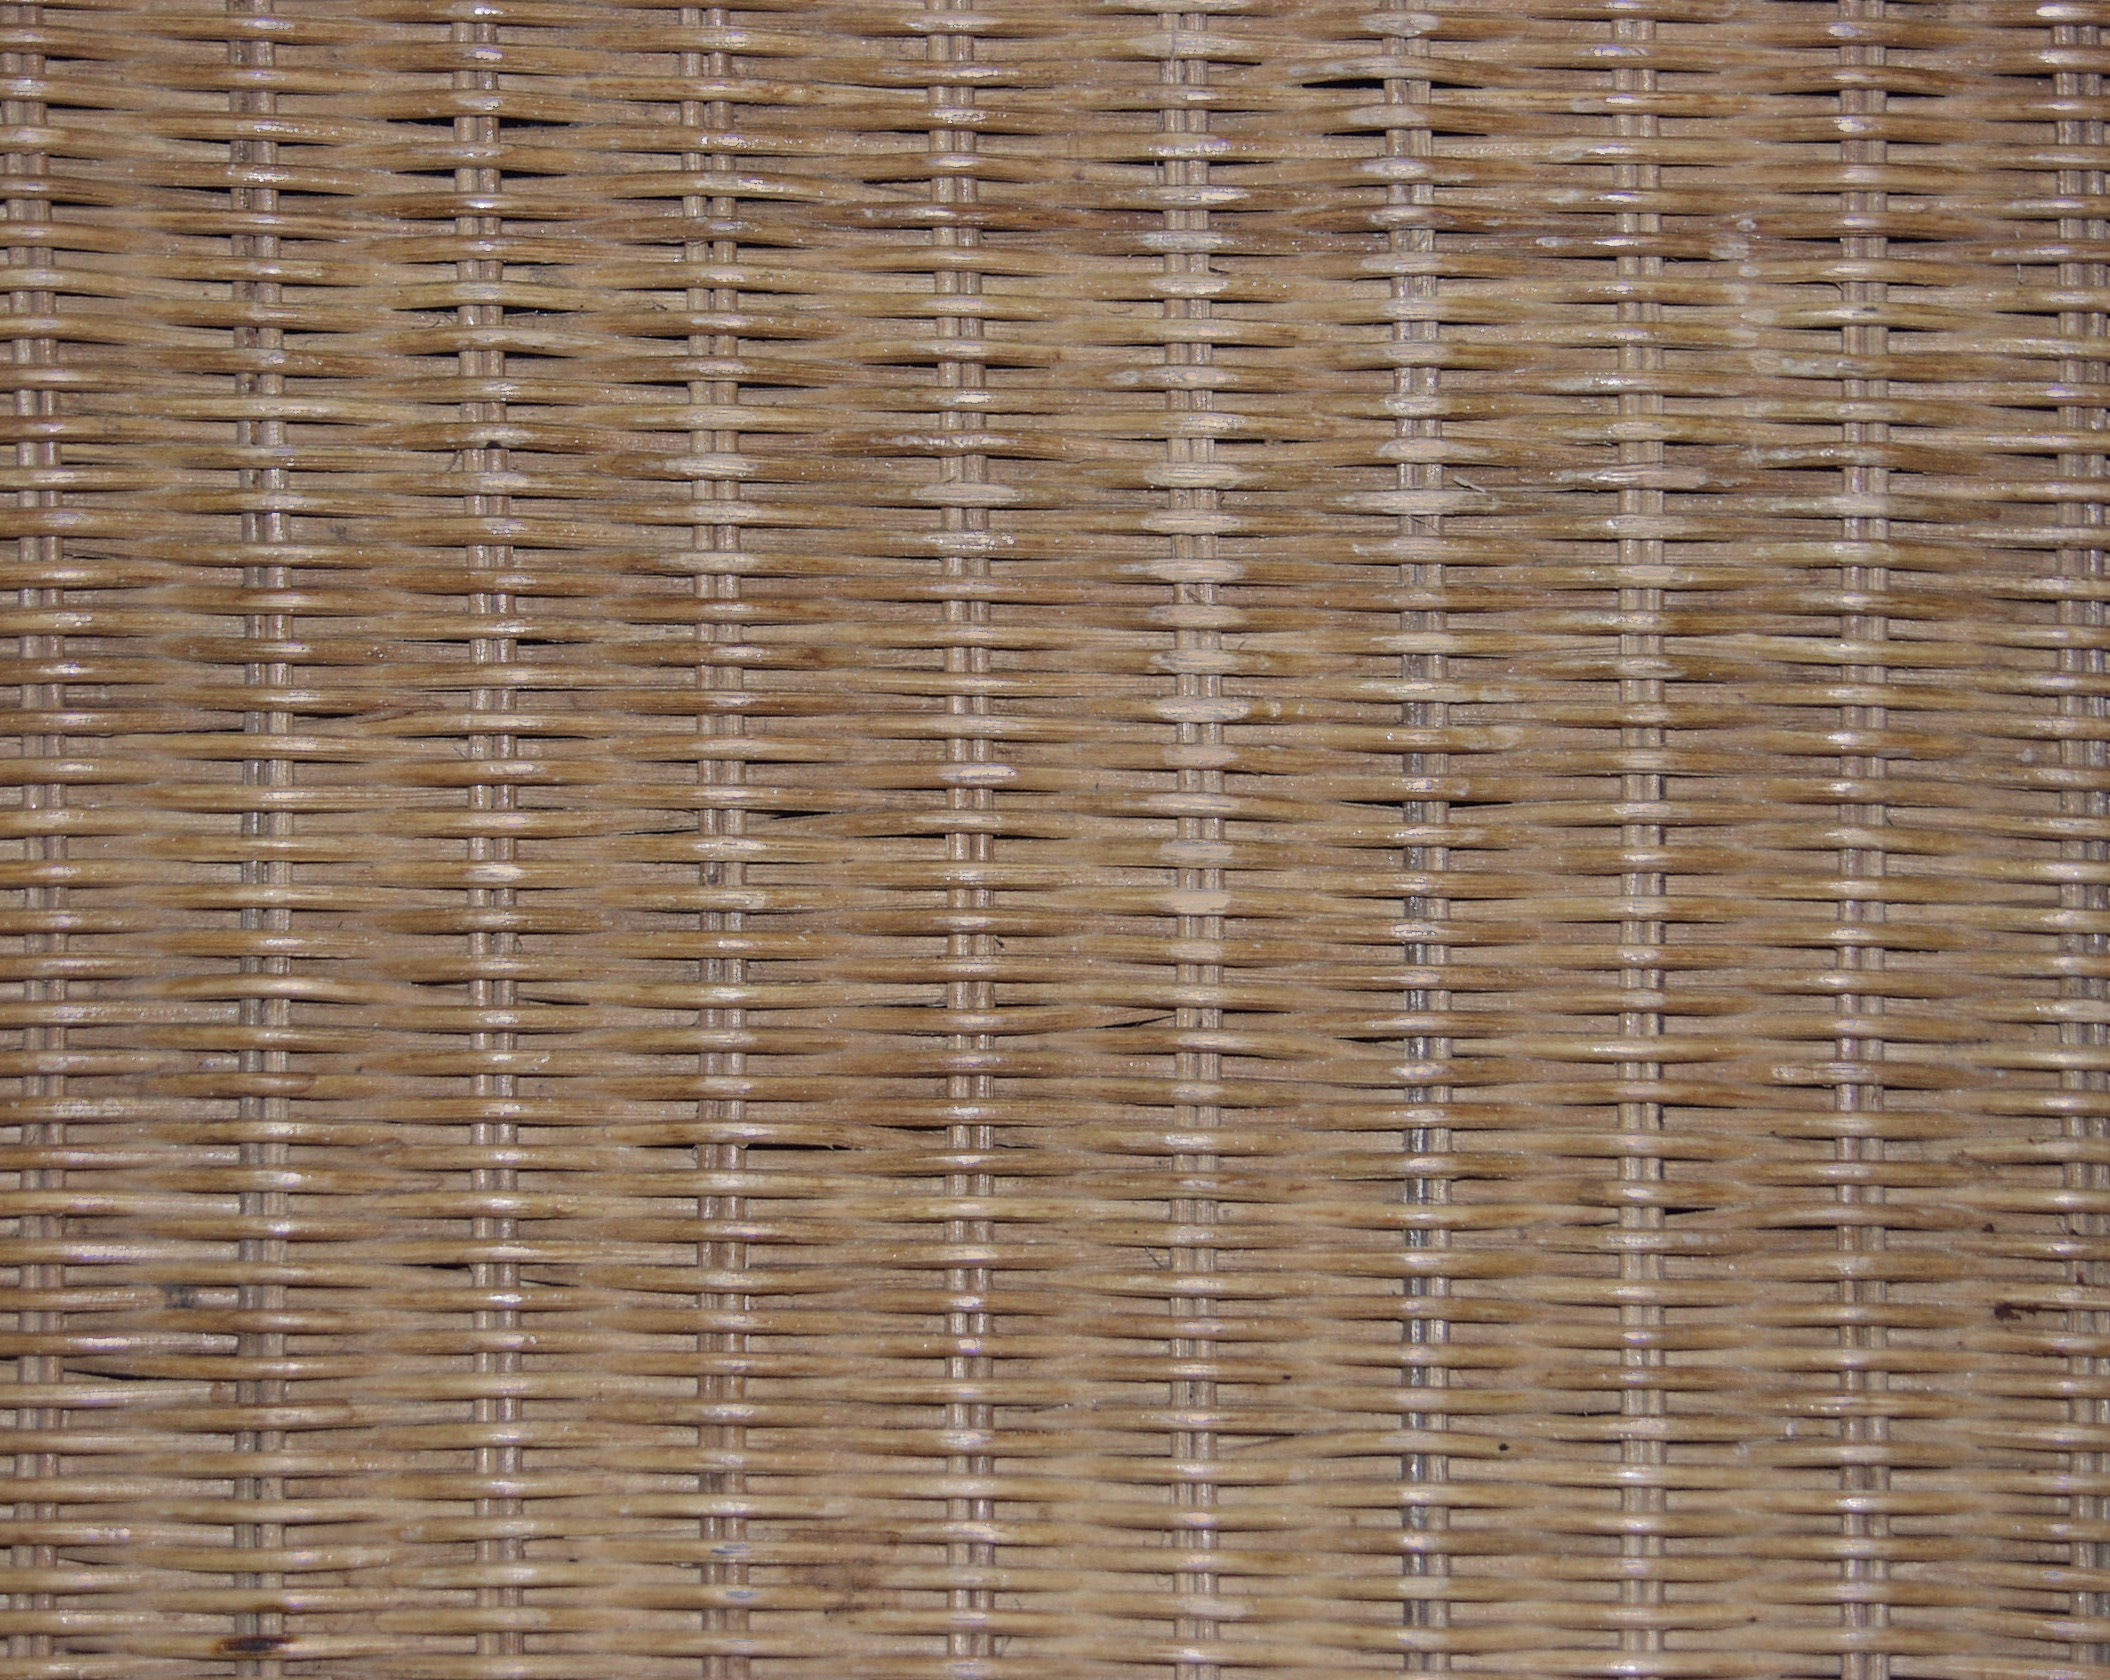 木材-编制品(7)高清贴图【ID:736648206】